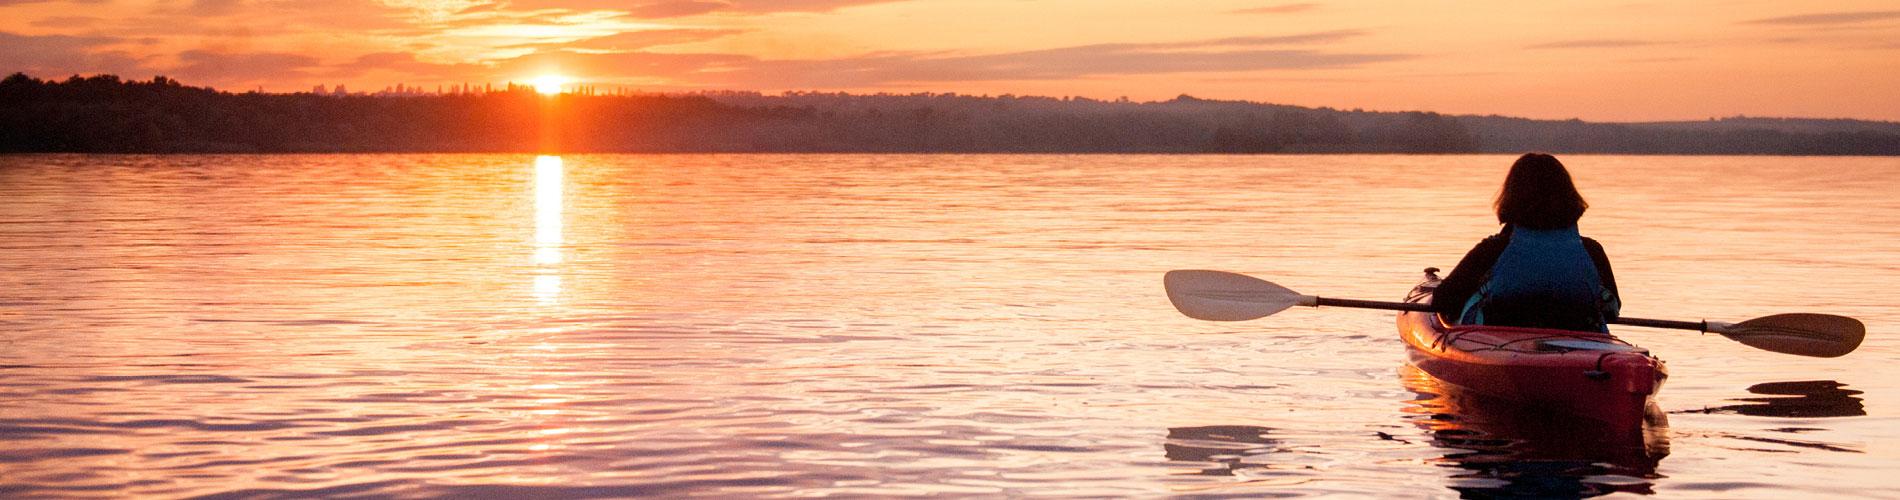 kayaking on lake at sunset